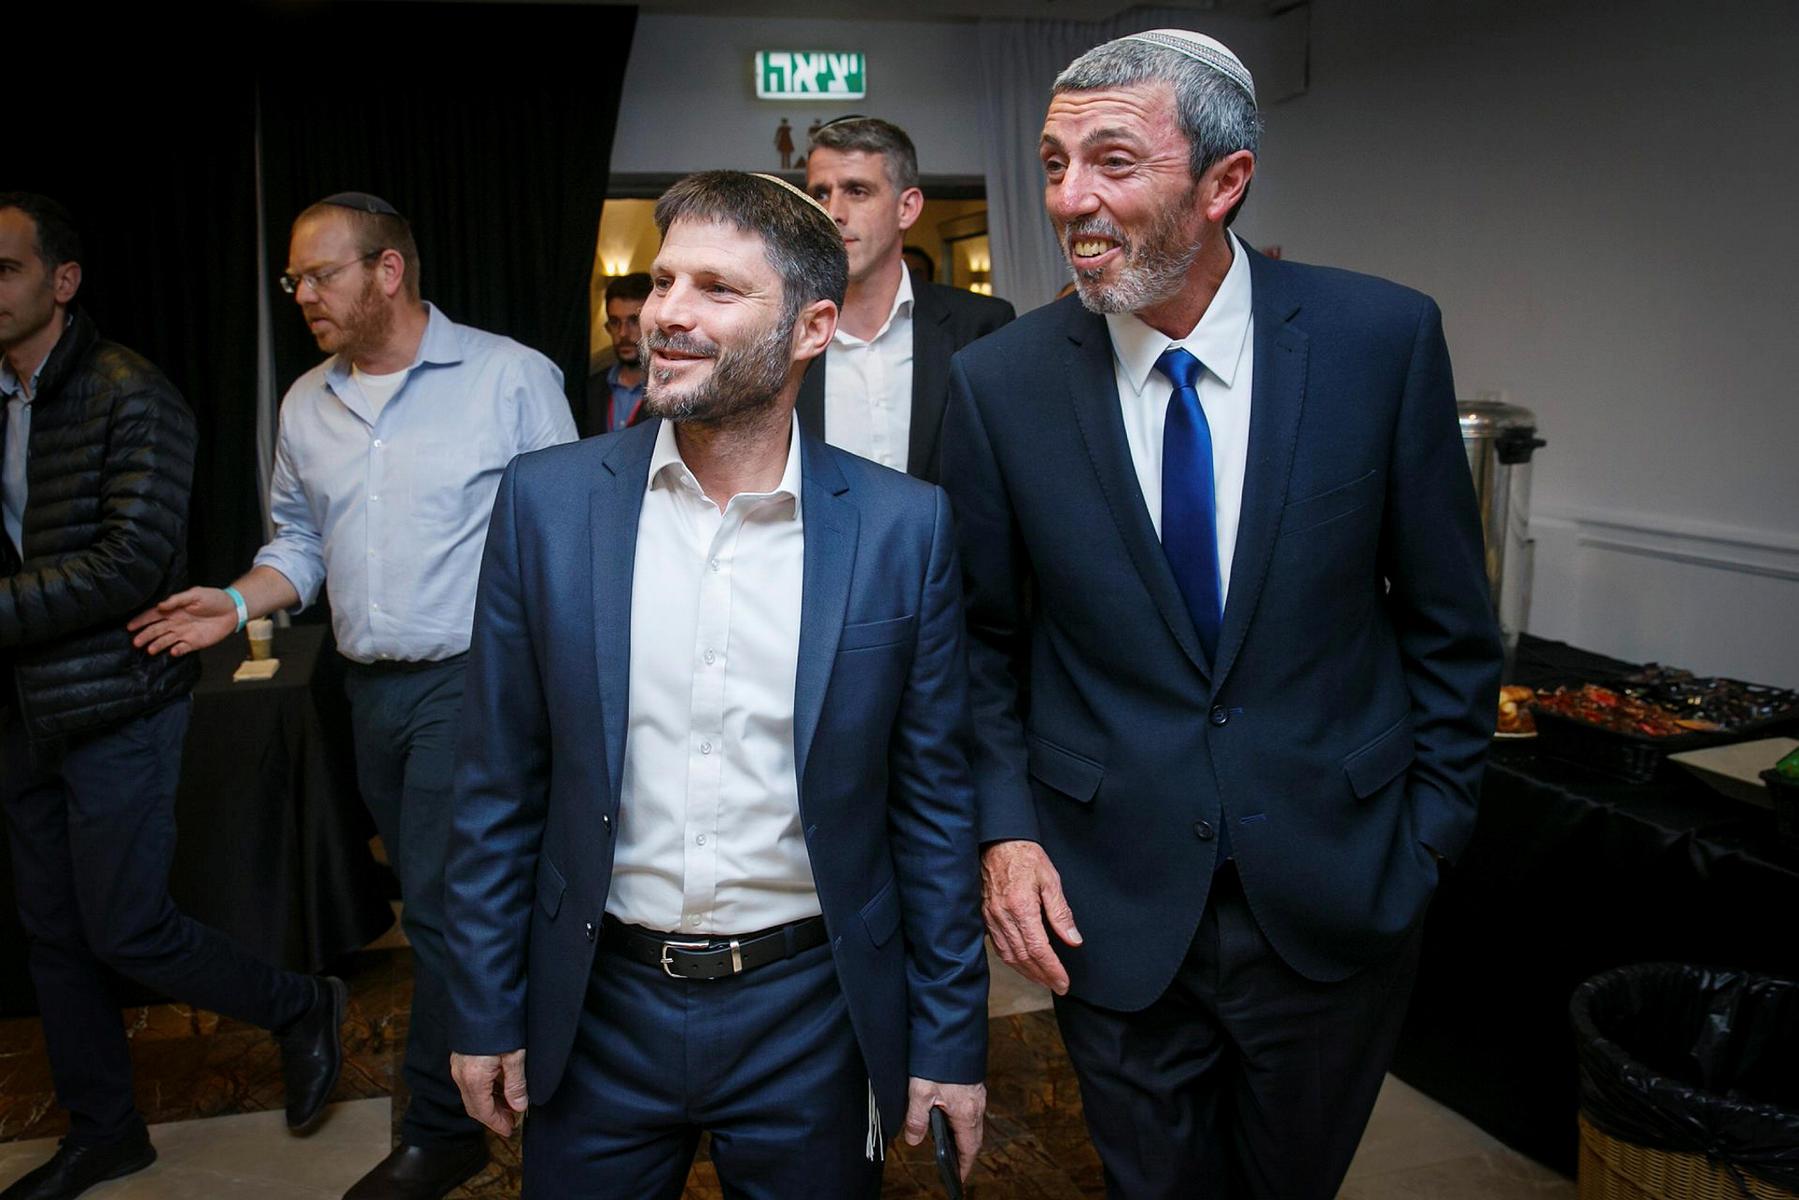 Лидеры «Альянса правых партий» Рафи Перец и Бецалель Смотрич отказались встречаться с Нетанияху